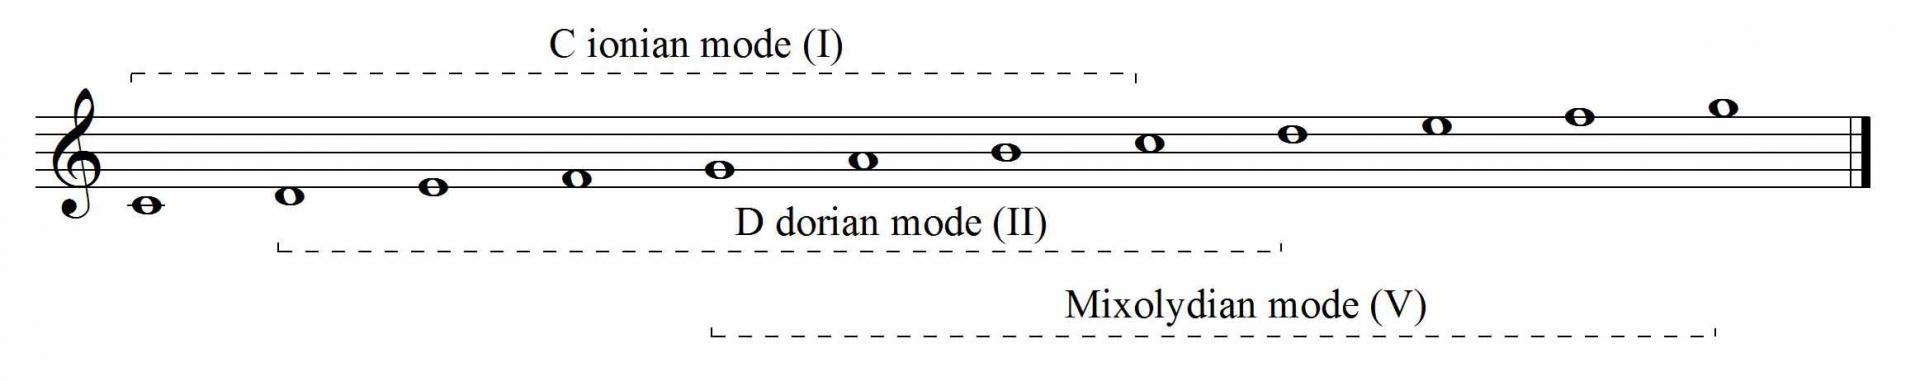 guitar scales pdf ebook